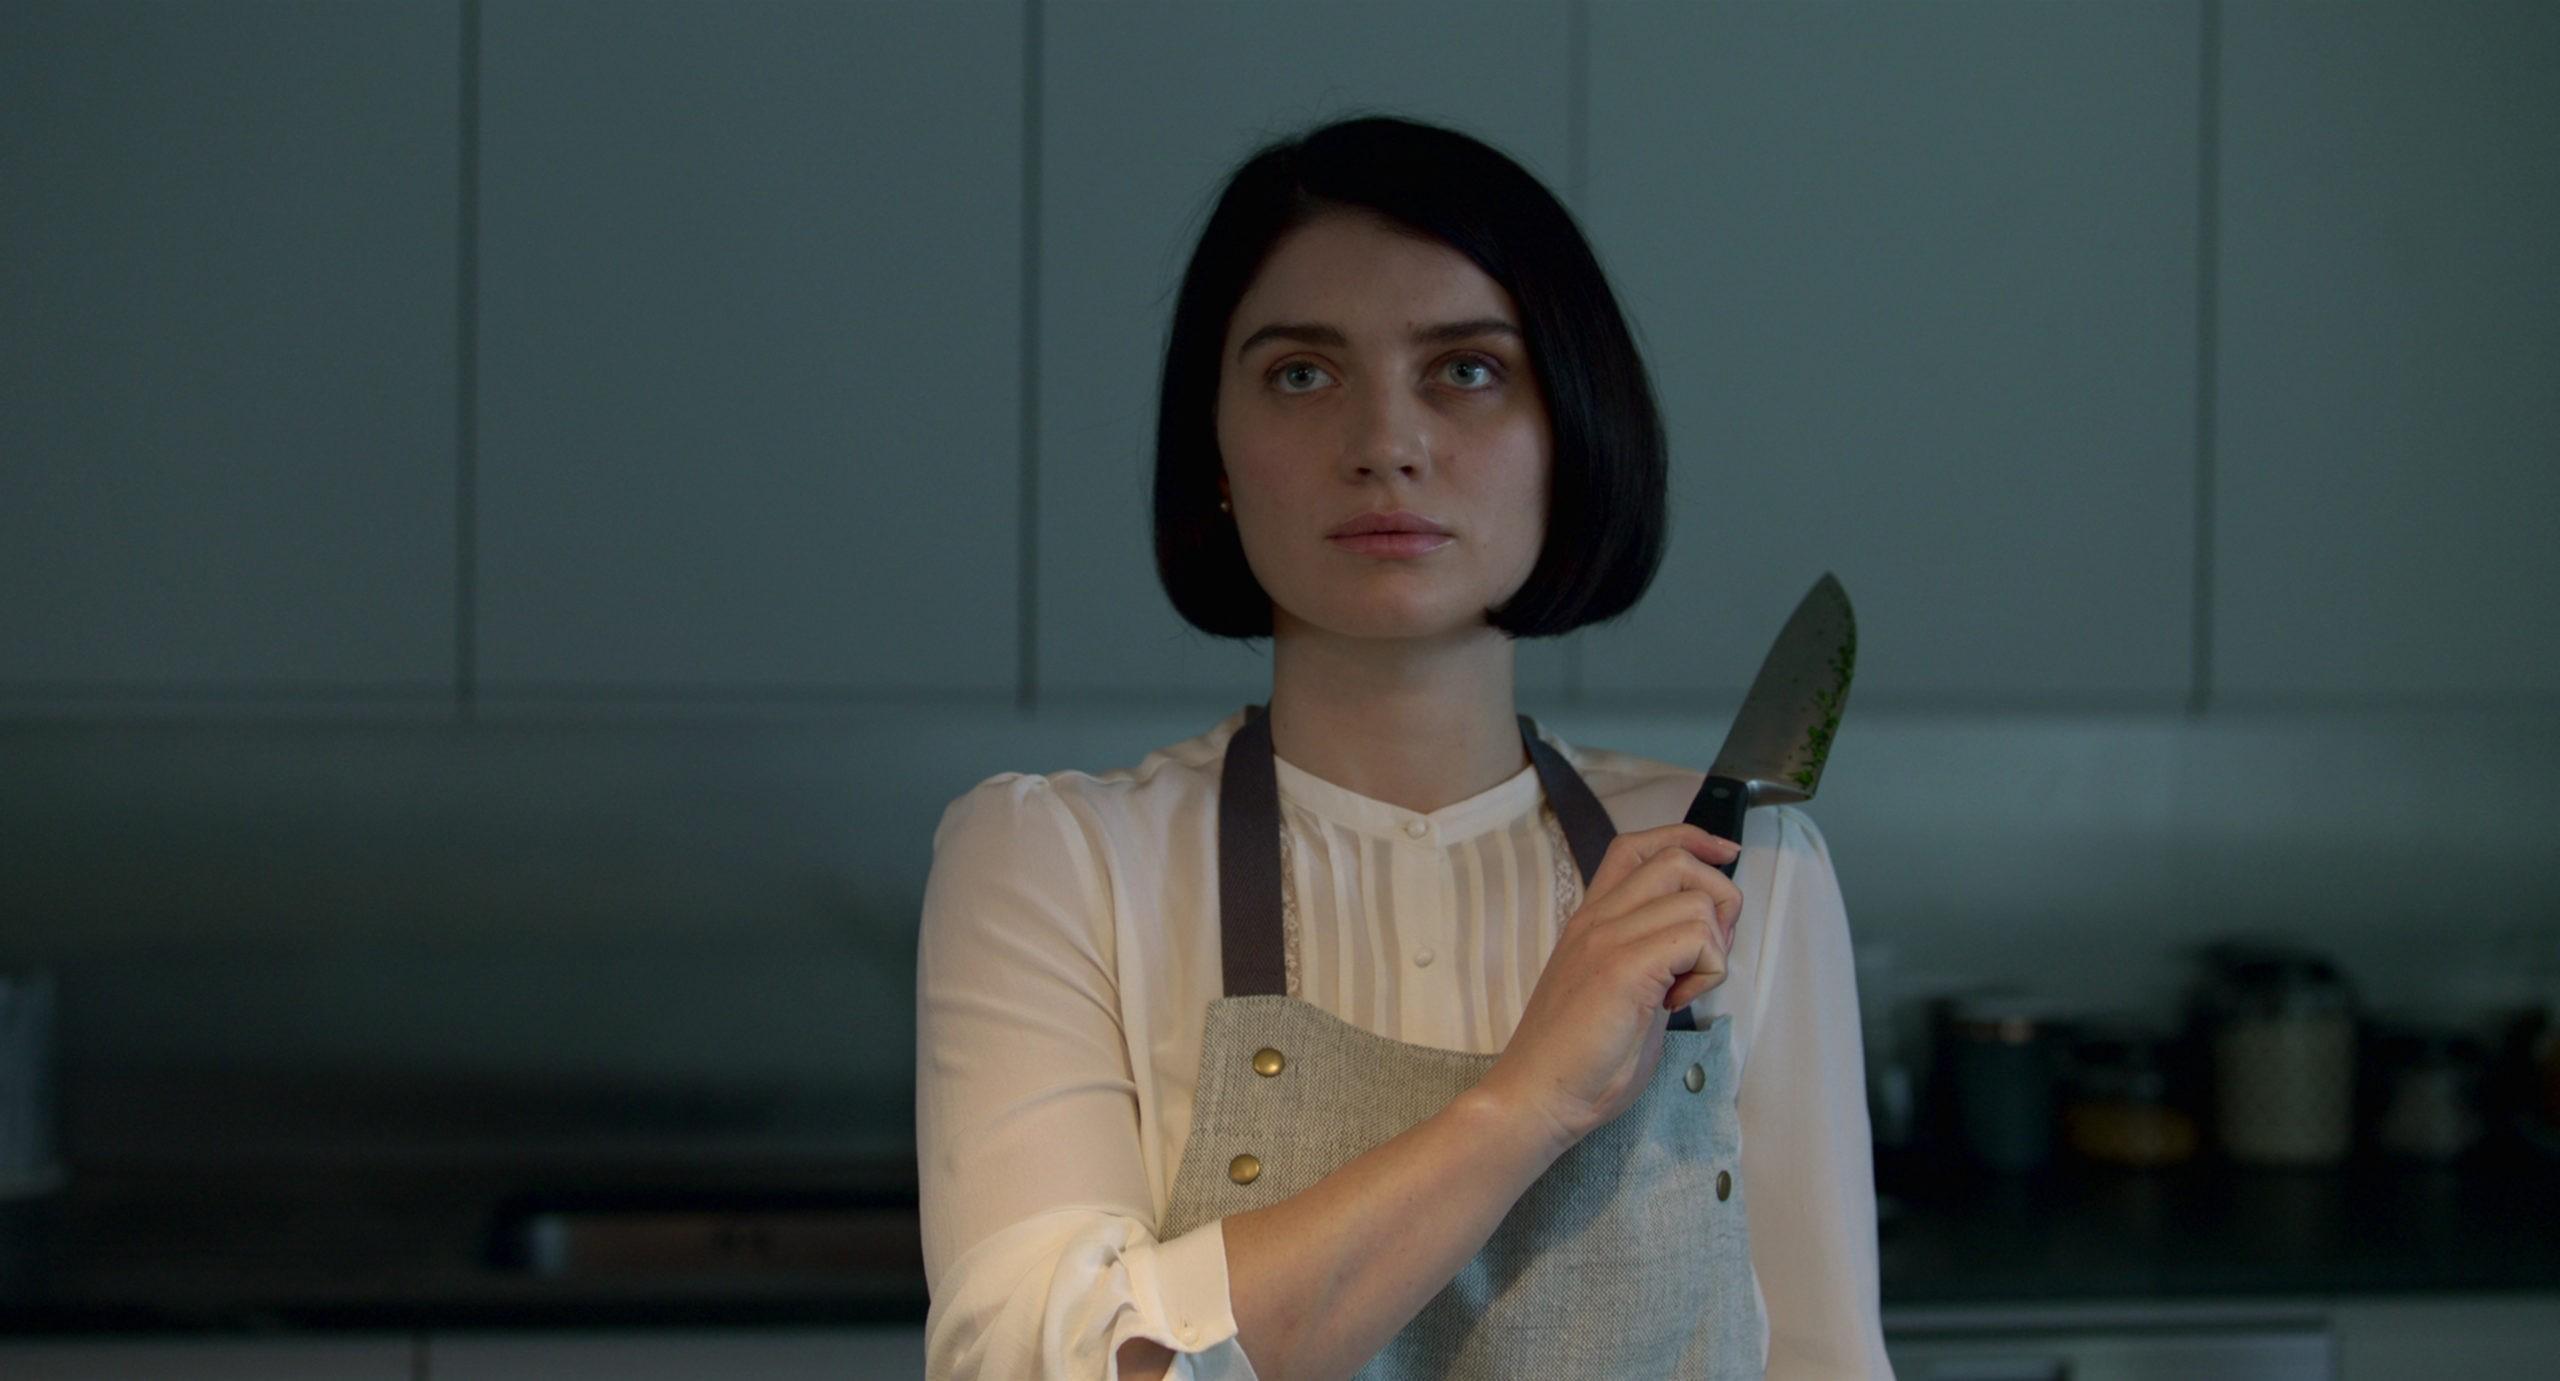 «В её глазах» — сериал для домохозяек с неожиданной концепцией